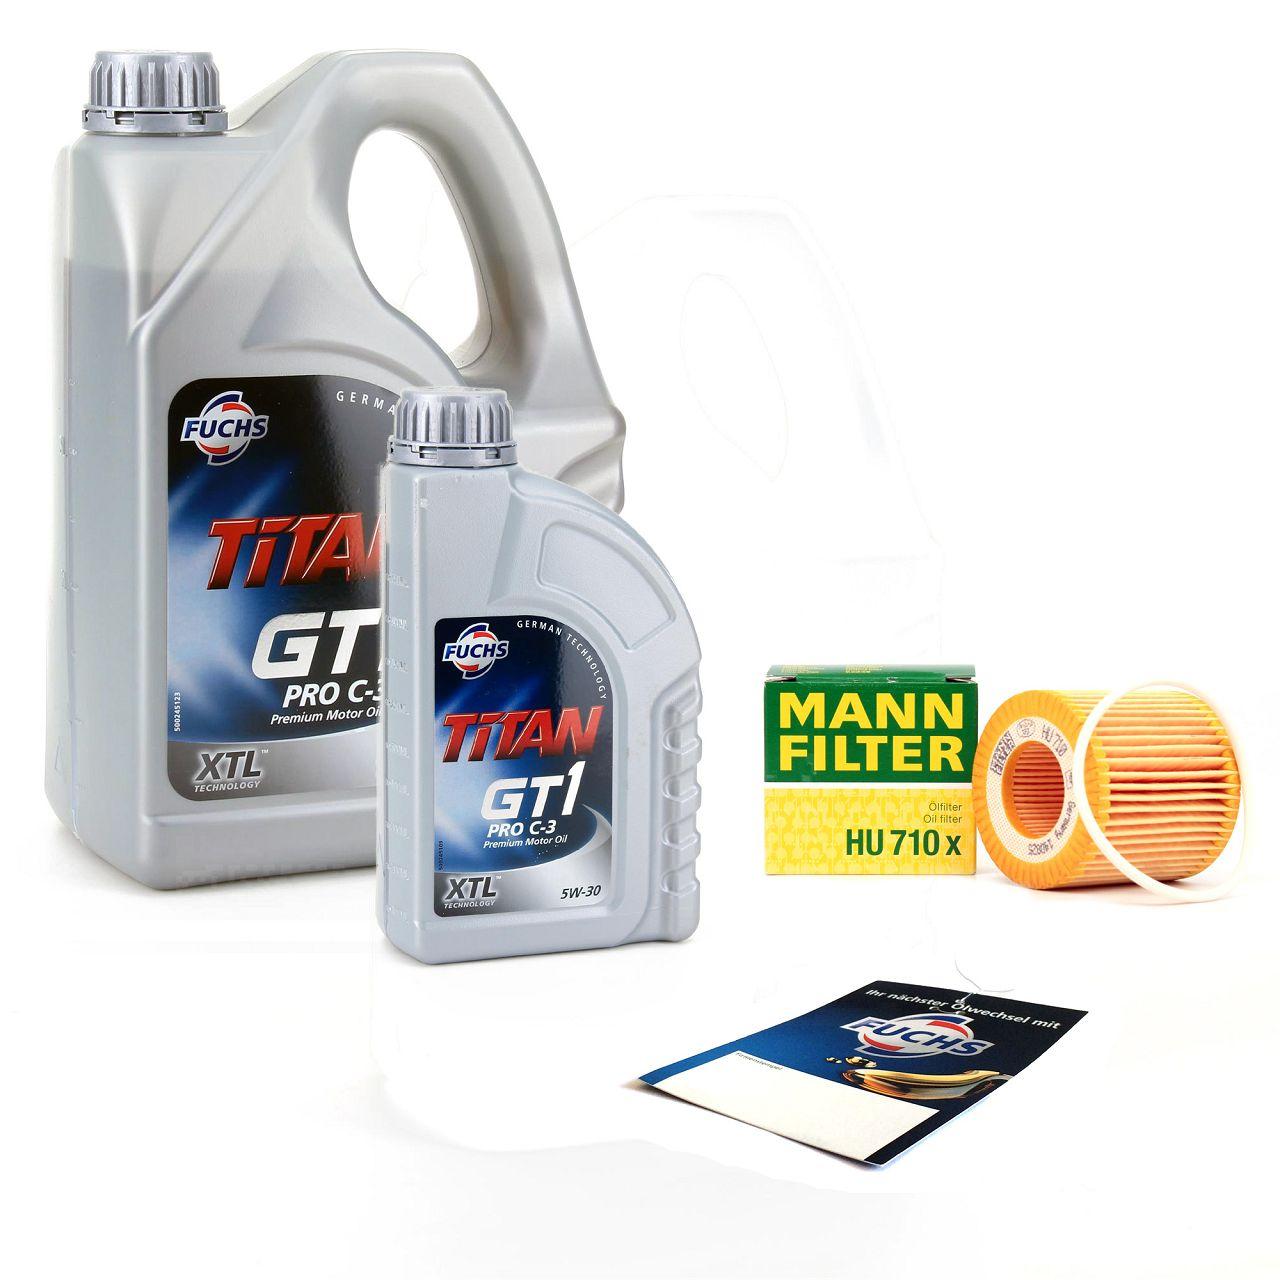 FUCHS Motoröl TITAN GT1 Pro C-3 5W30 5W-30 5L 5 Liter + MANN Ölfilter HU710X